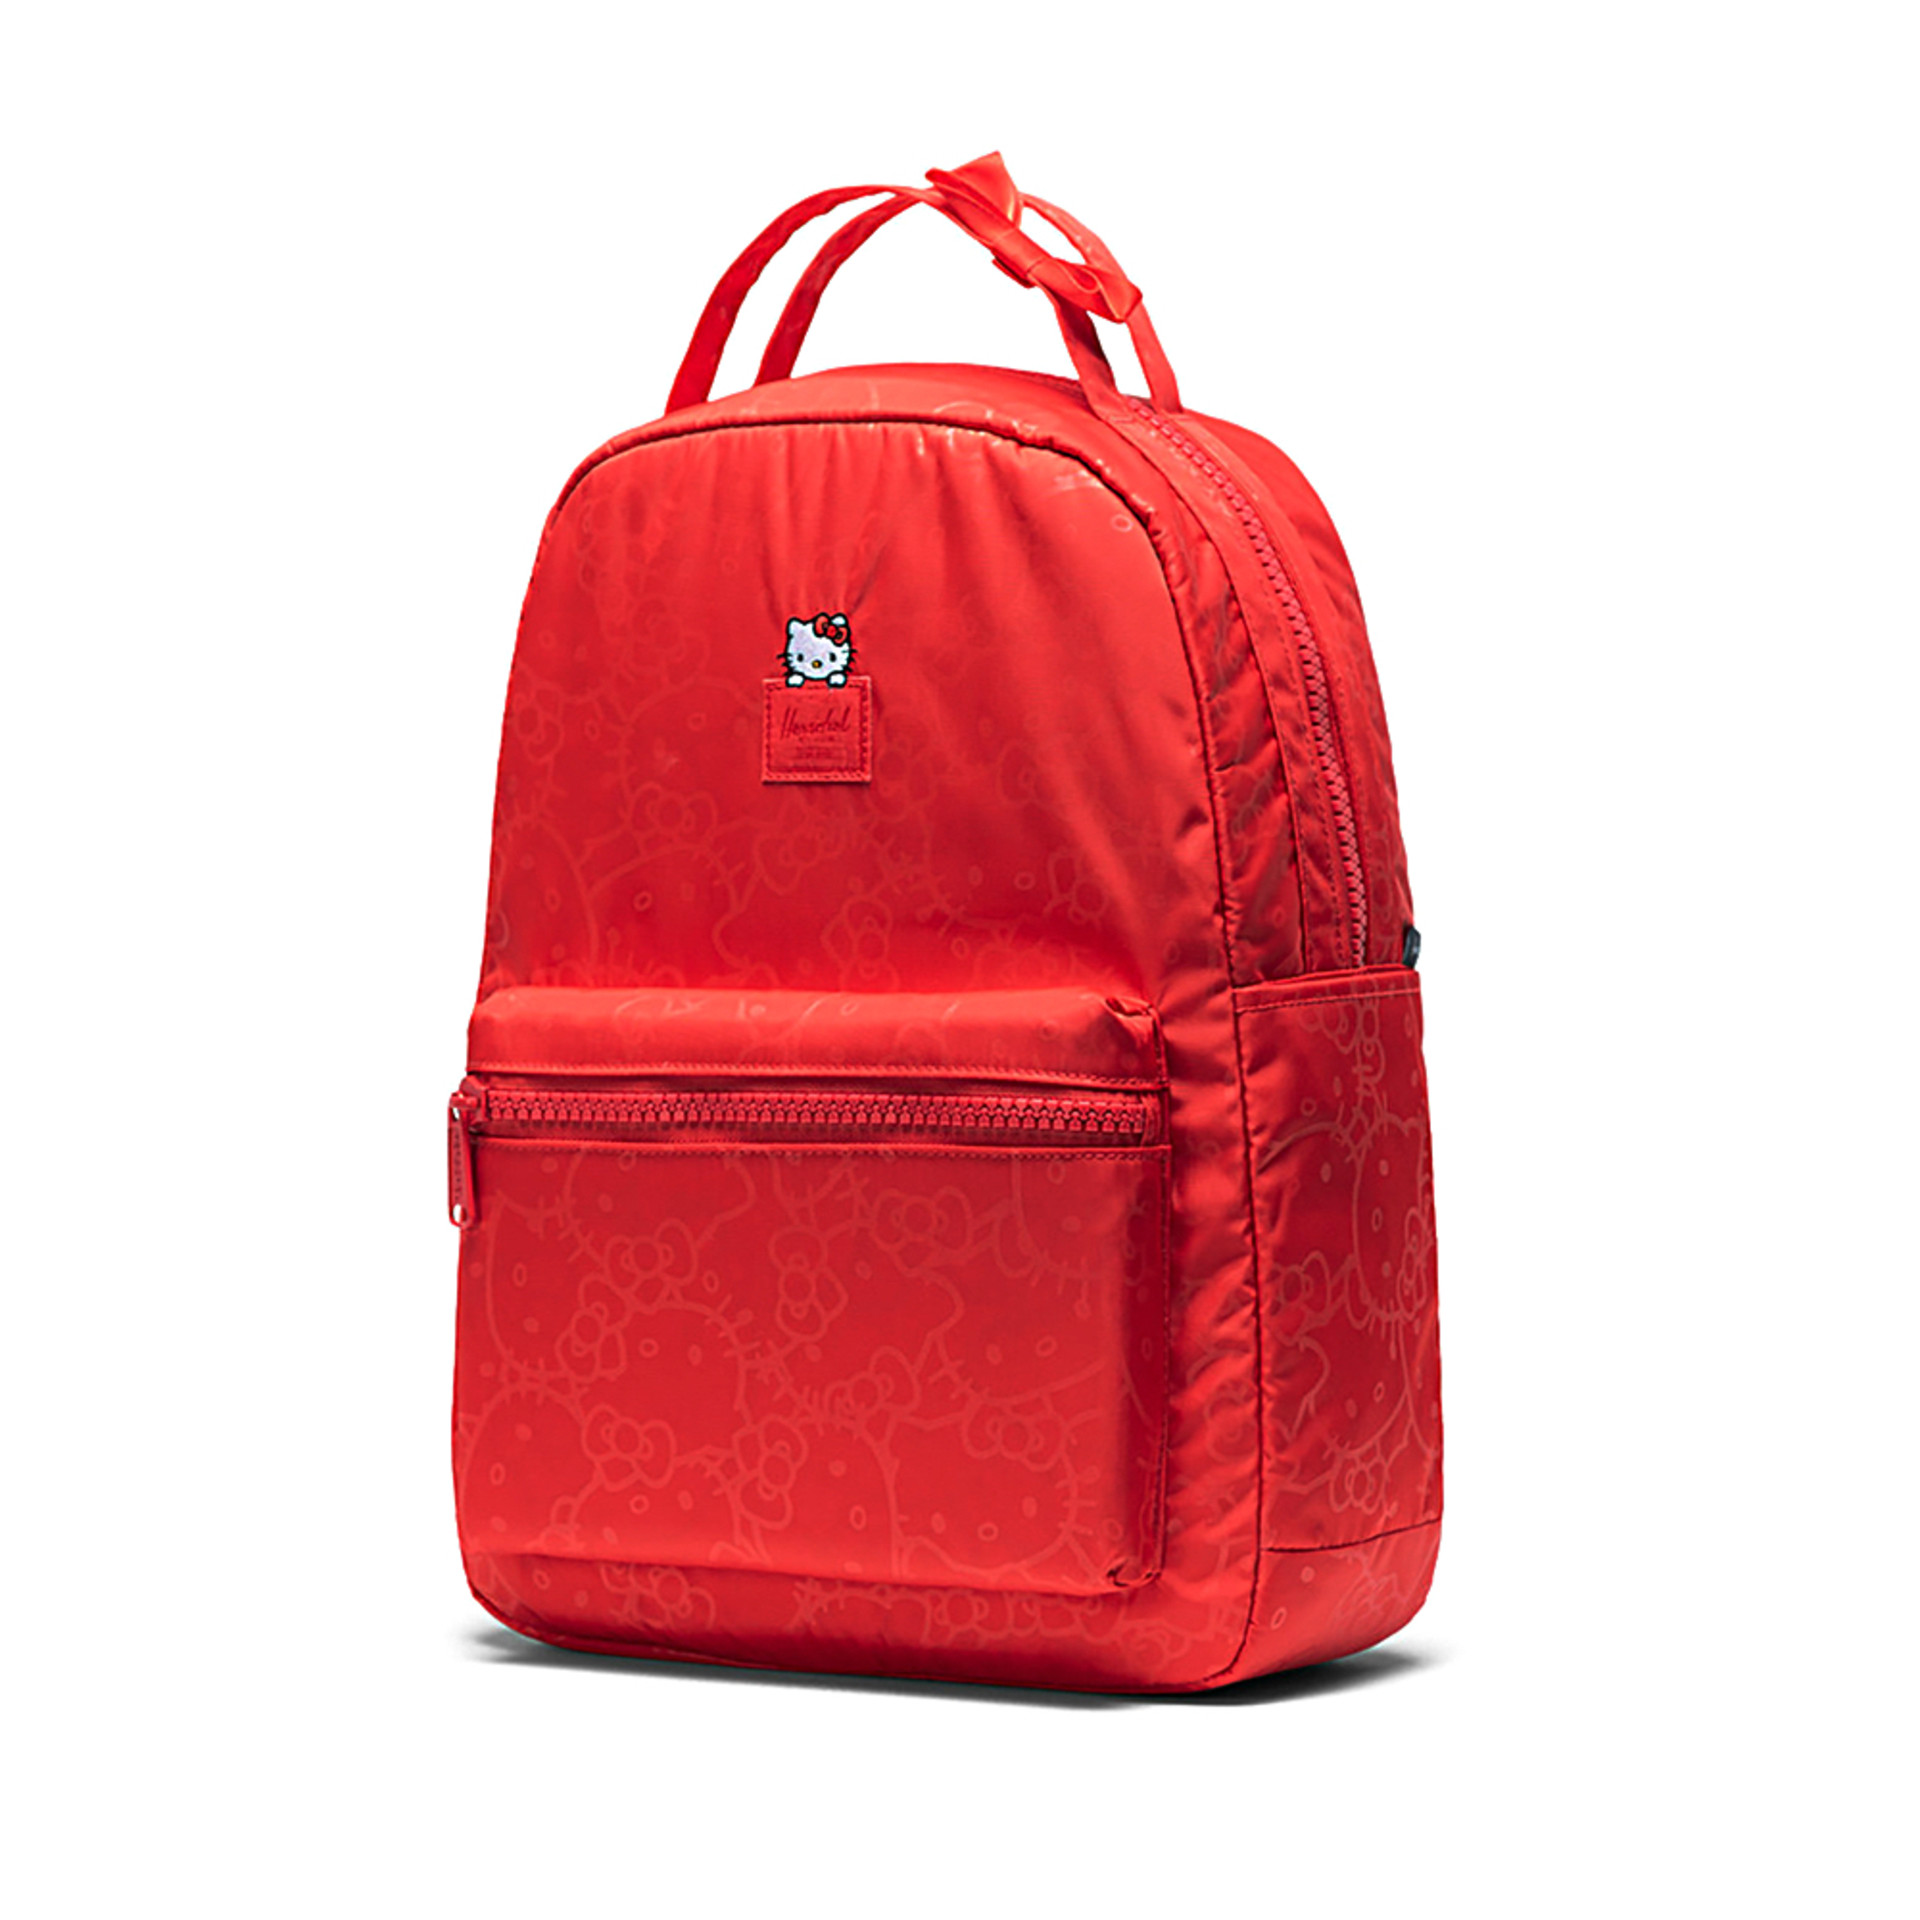 Herschel Hello Kitty Red Nova Mini Backpack